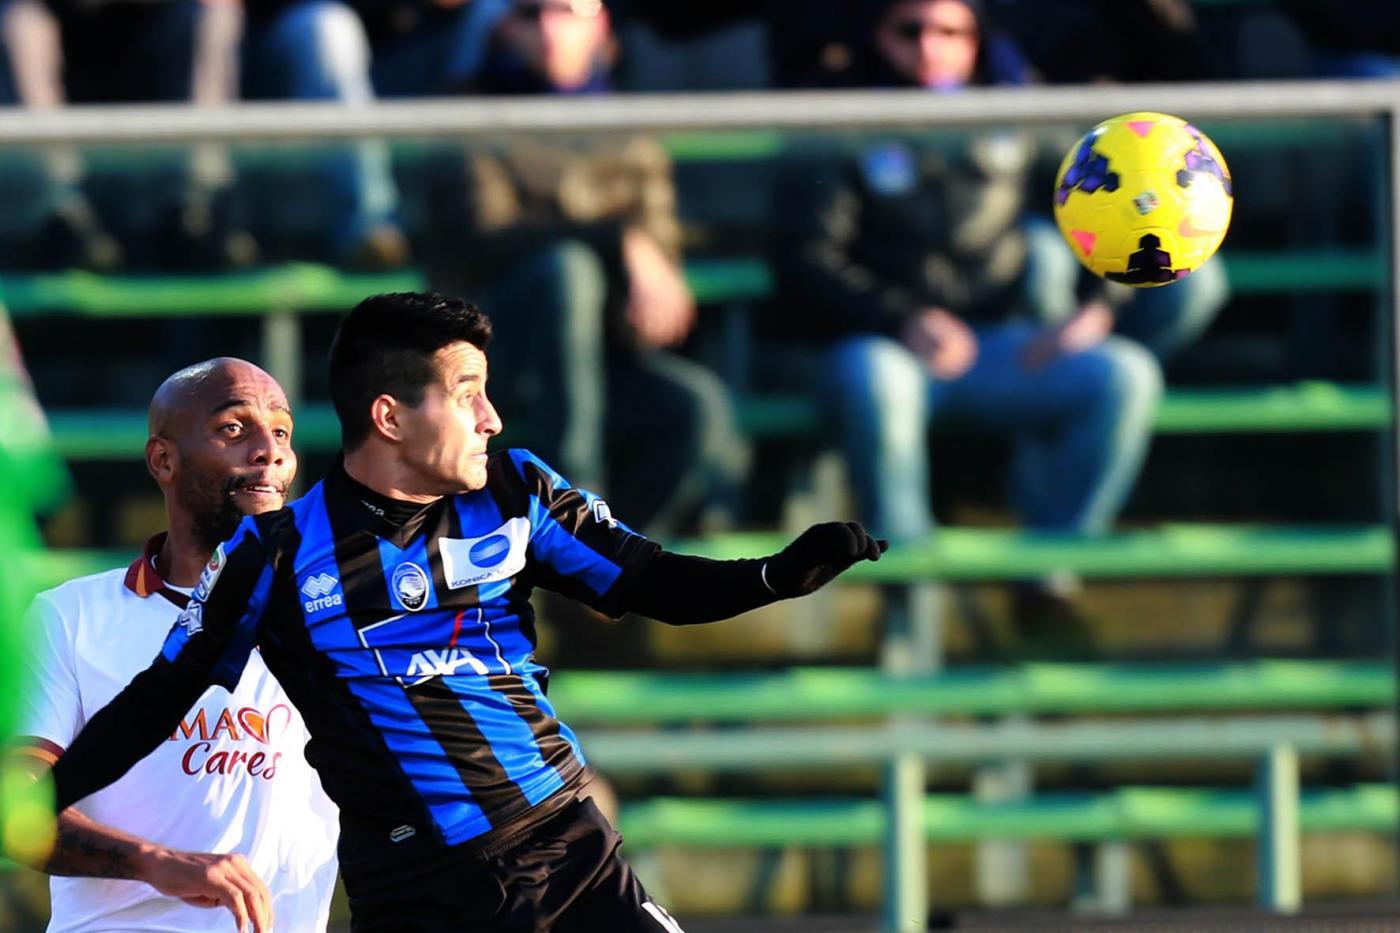 Roma batte Atalanta 3-1 e va nuovamente a -5 dalla Juve